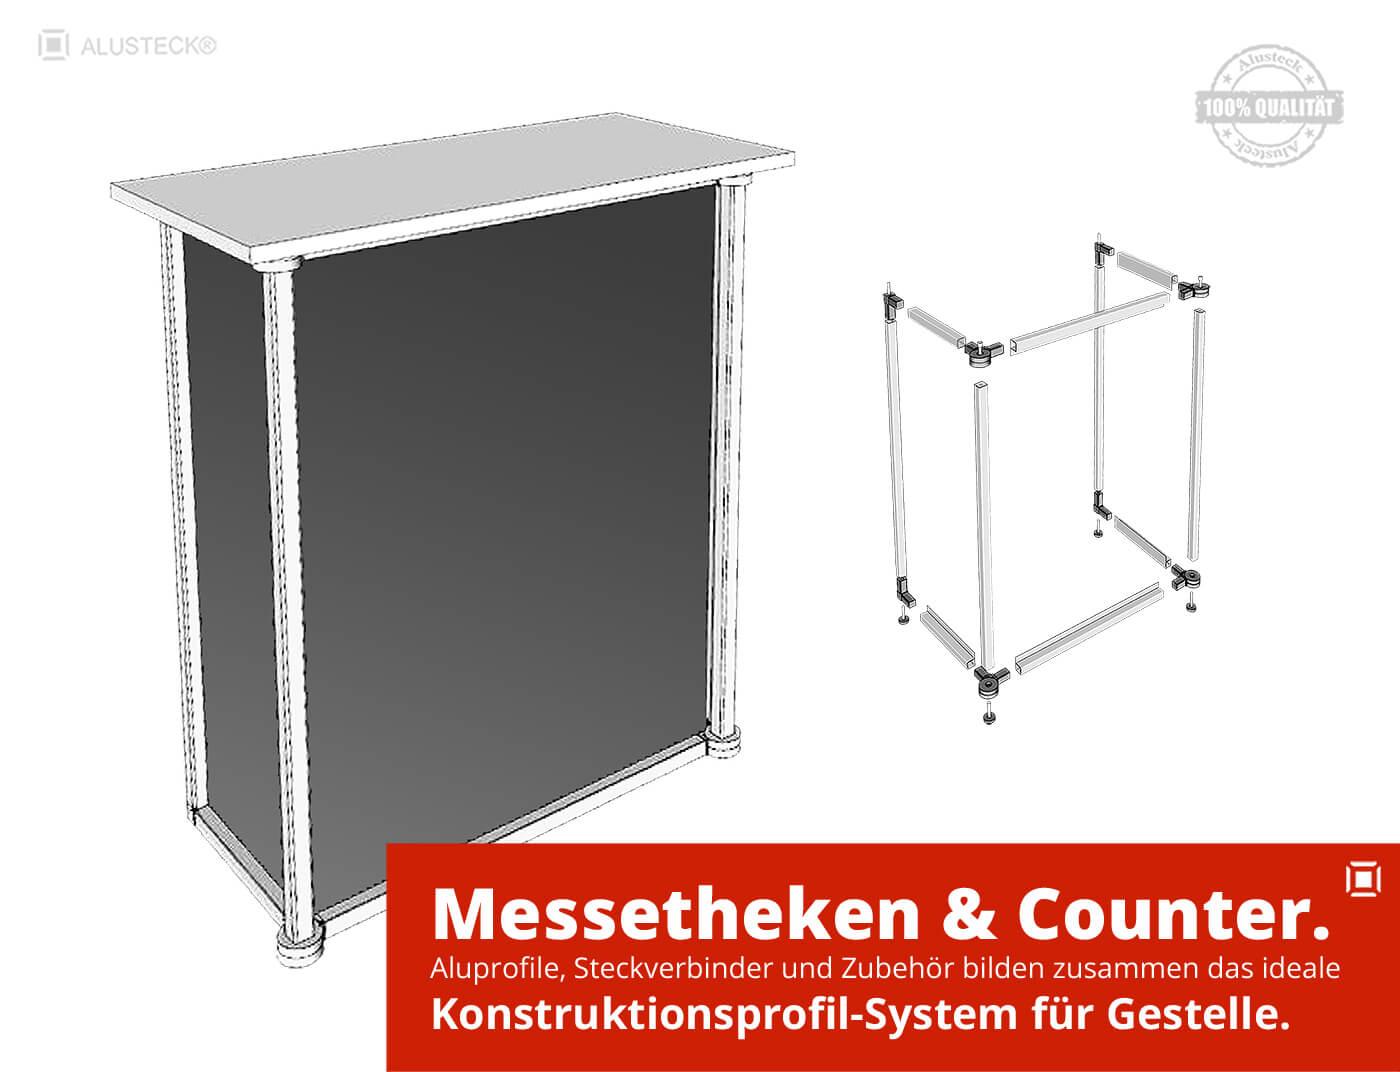 Messetheken und Counter Gestelle bauen Konstruktionssystem ALUSTECK®